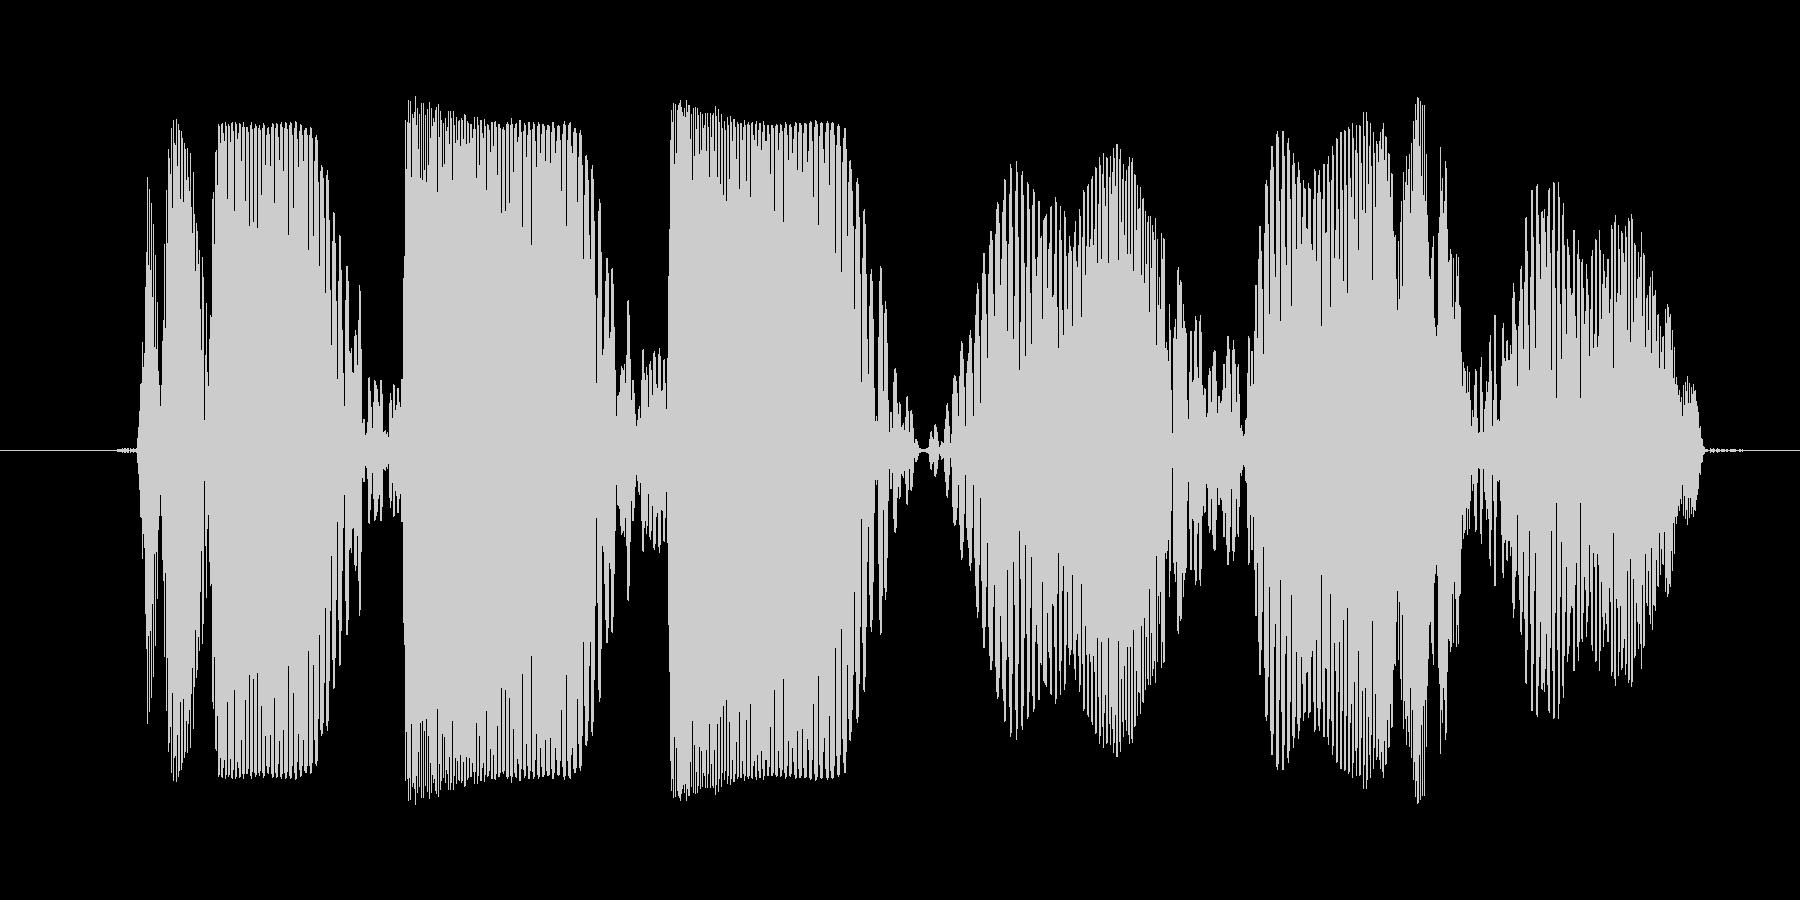 プププププイ(システム系音)の未再生の波形